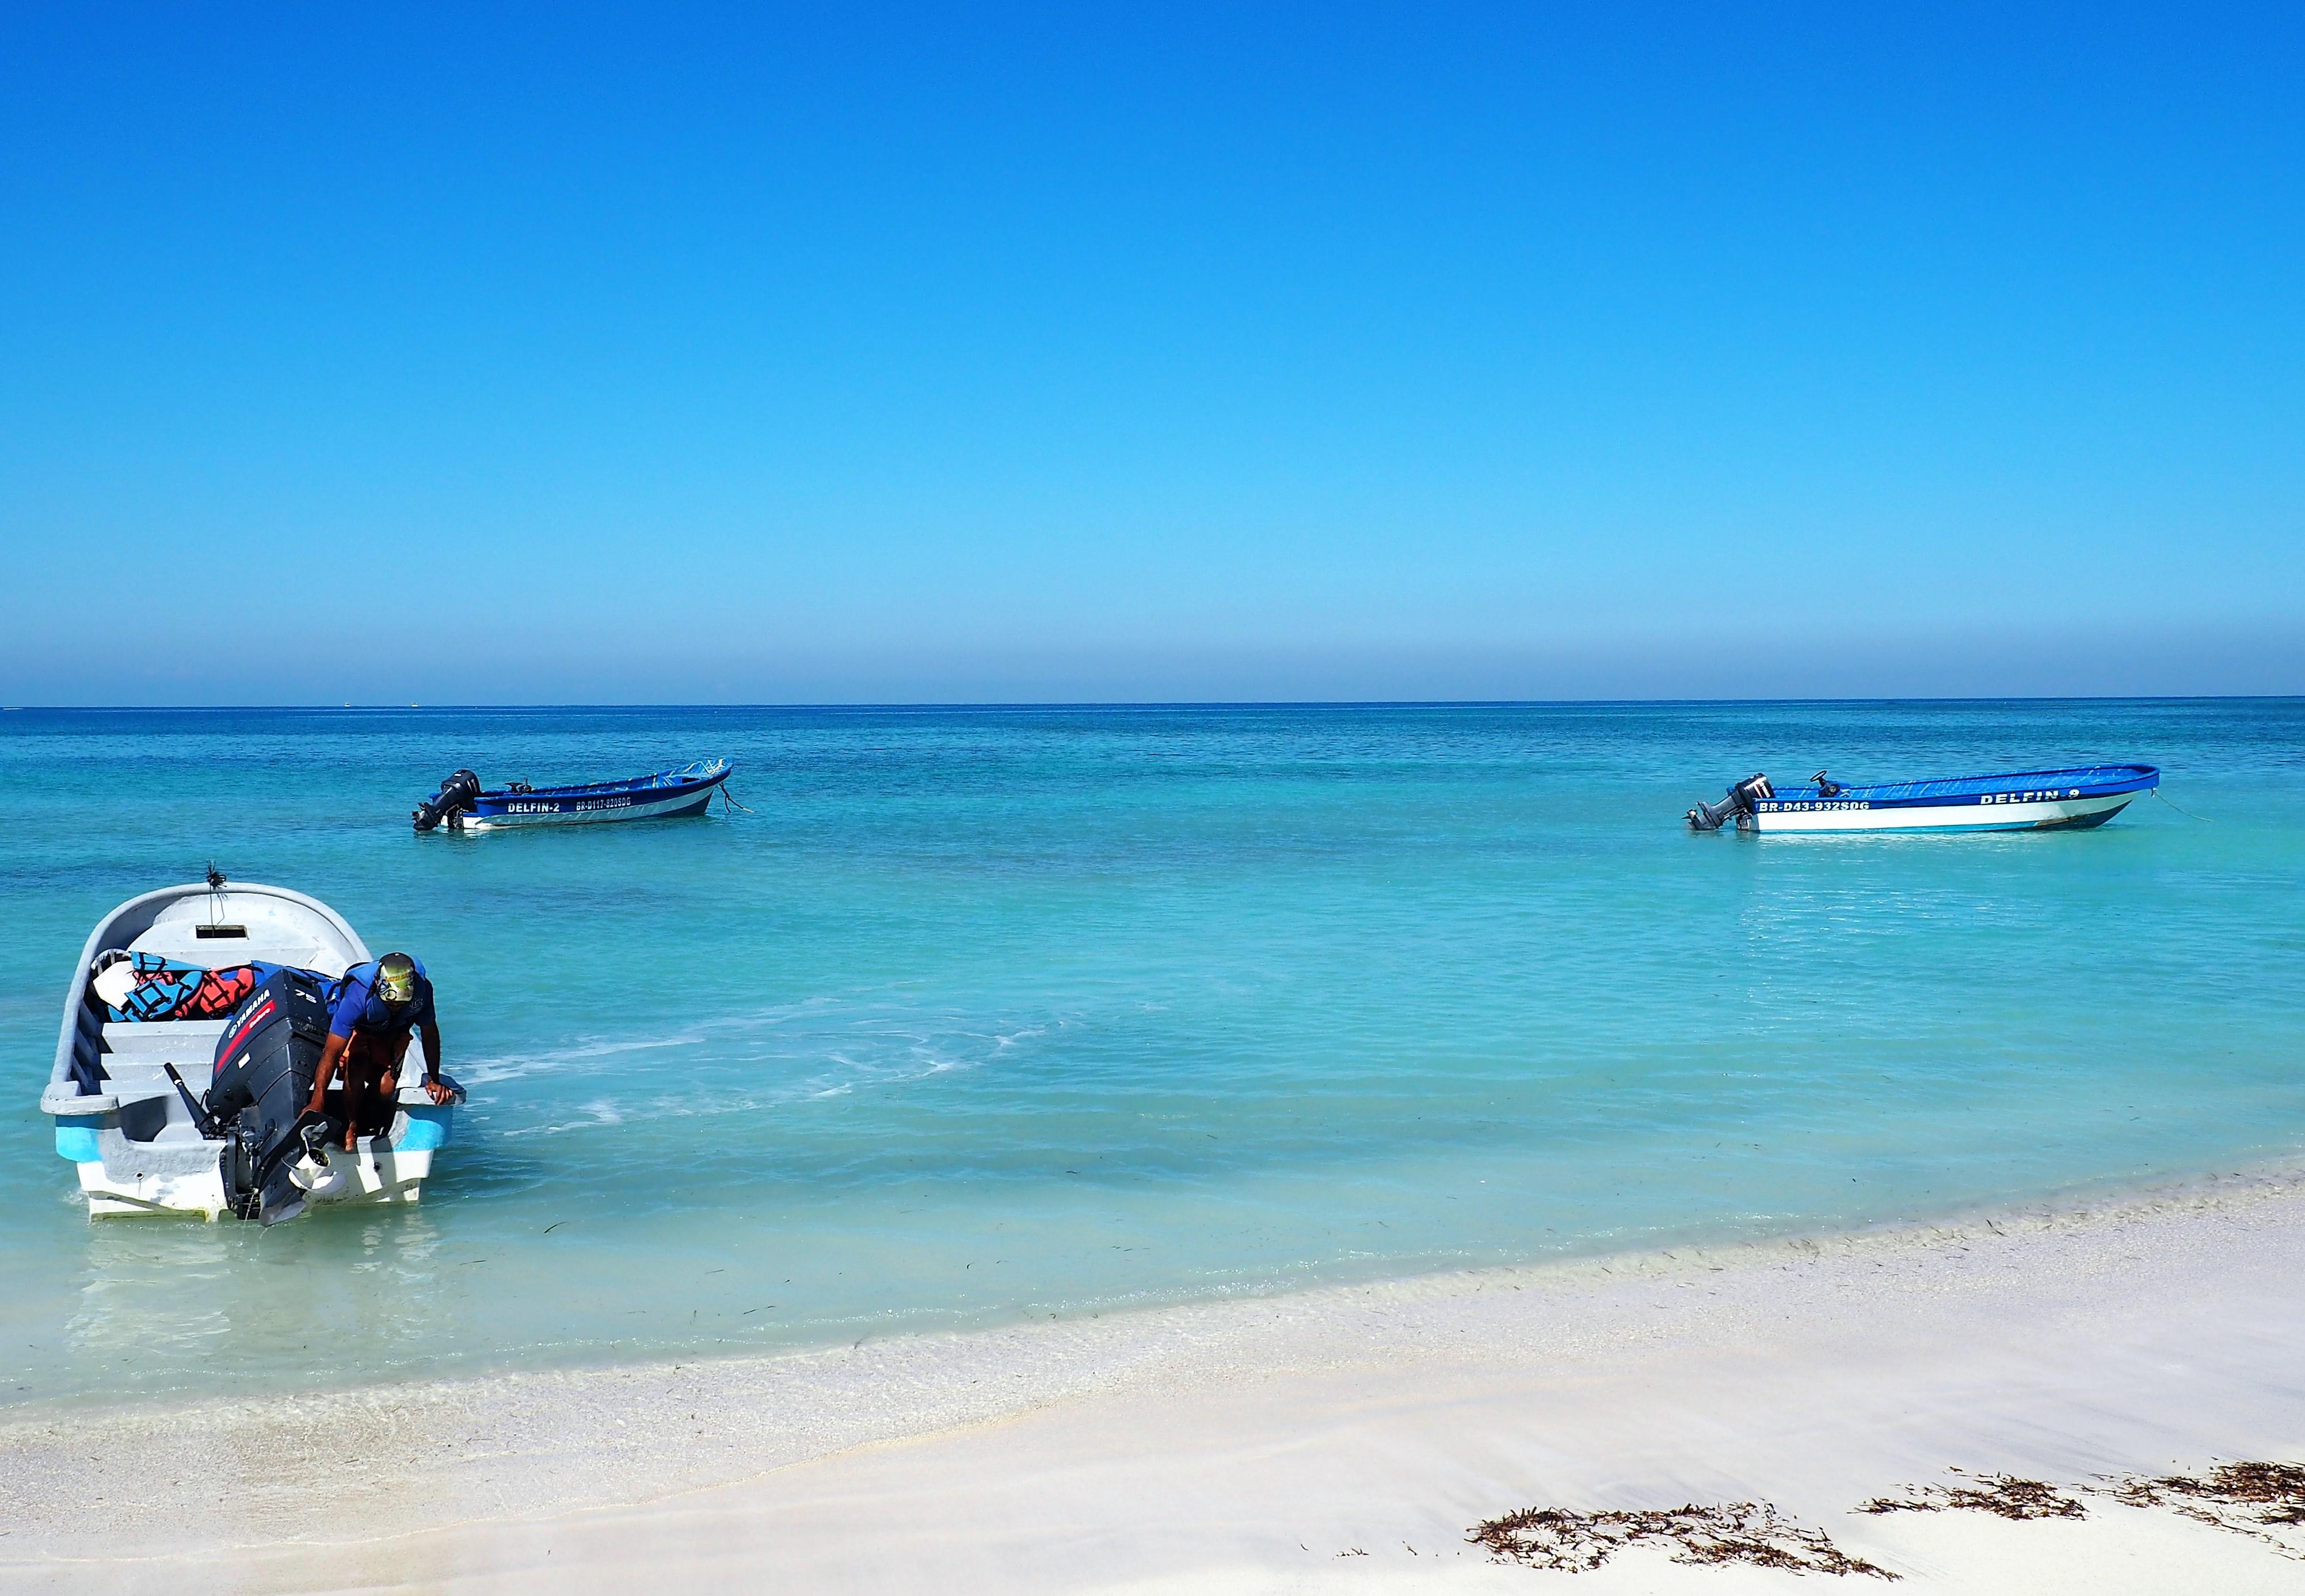 Ein traumhafter, karibischer Strand: Punta Rucia in der Dominikanischen Republik